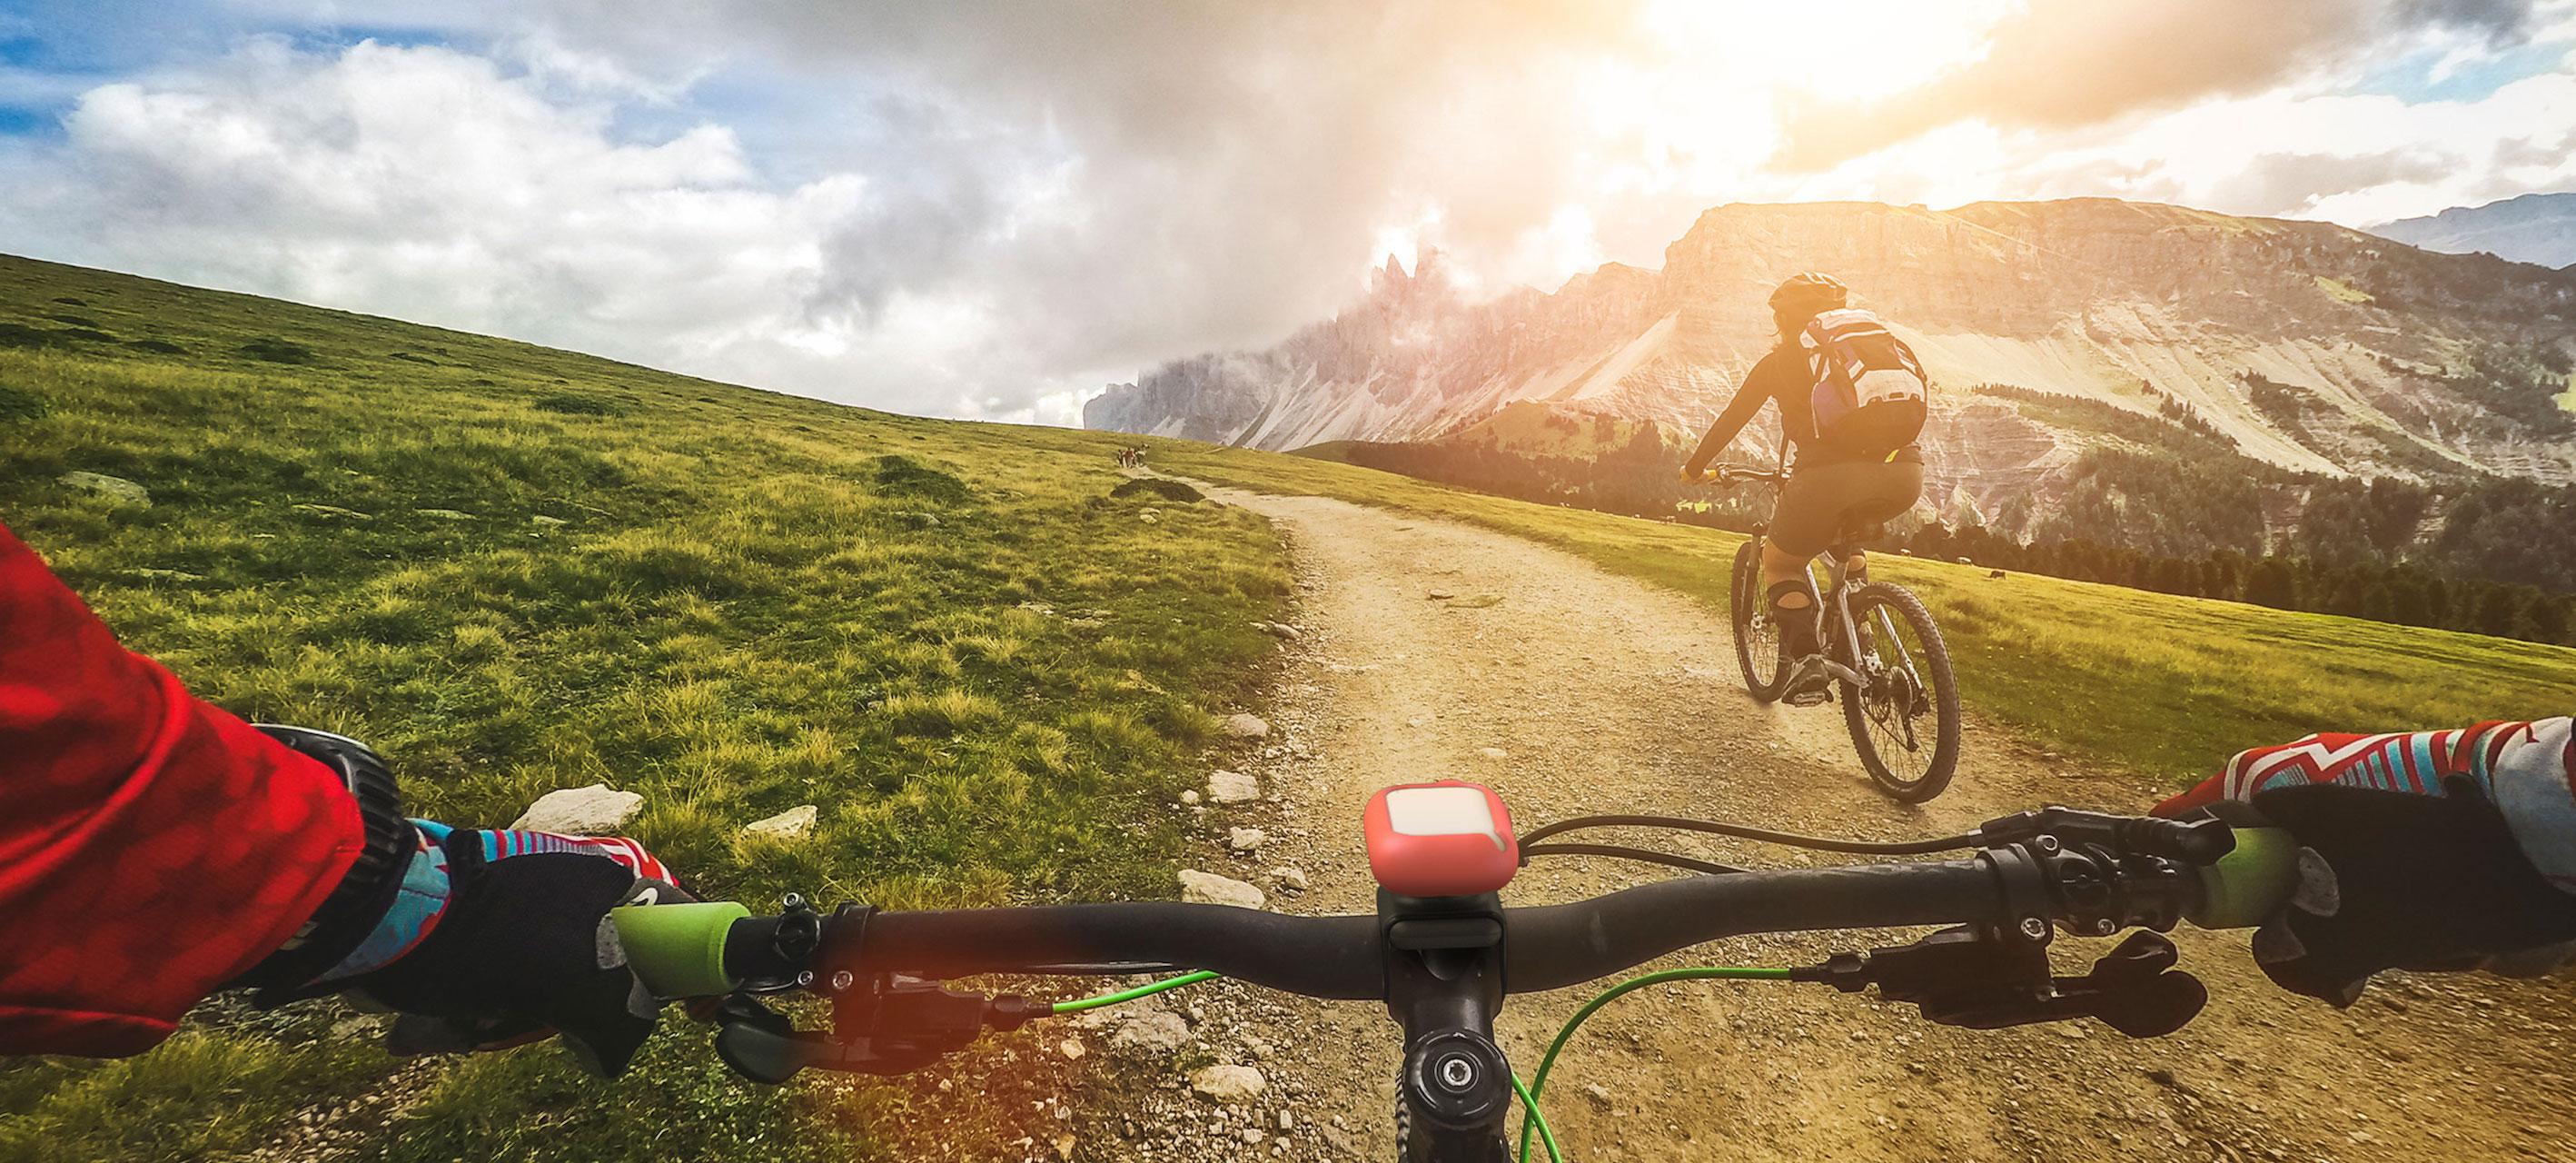 Treking vožnja s kolesom